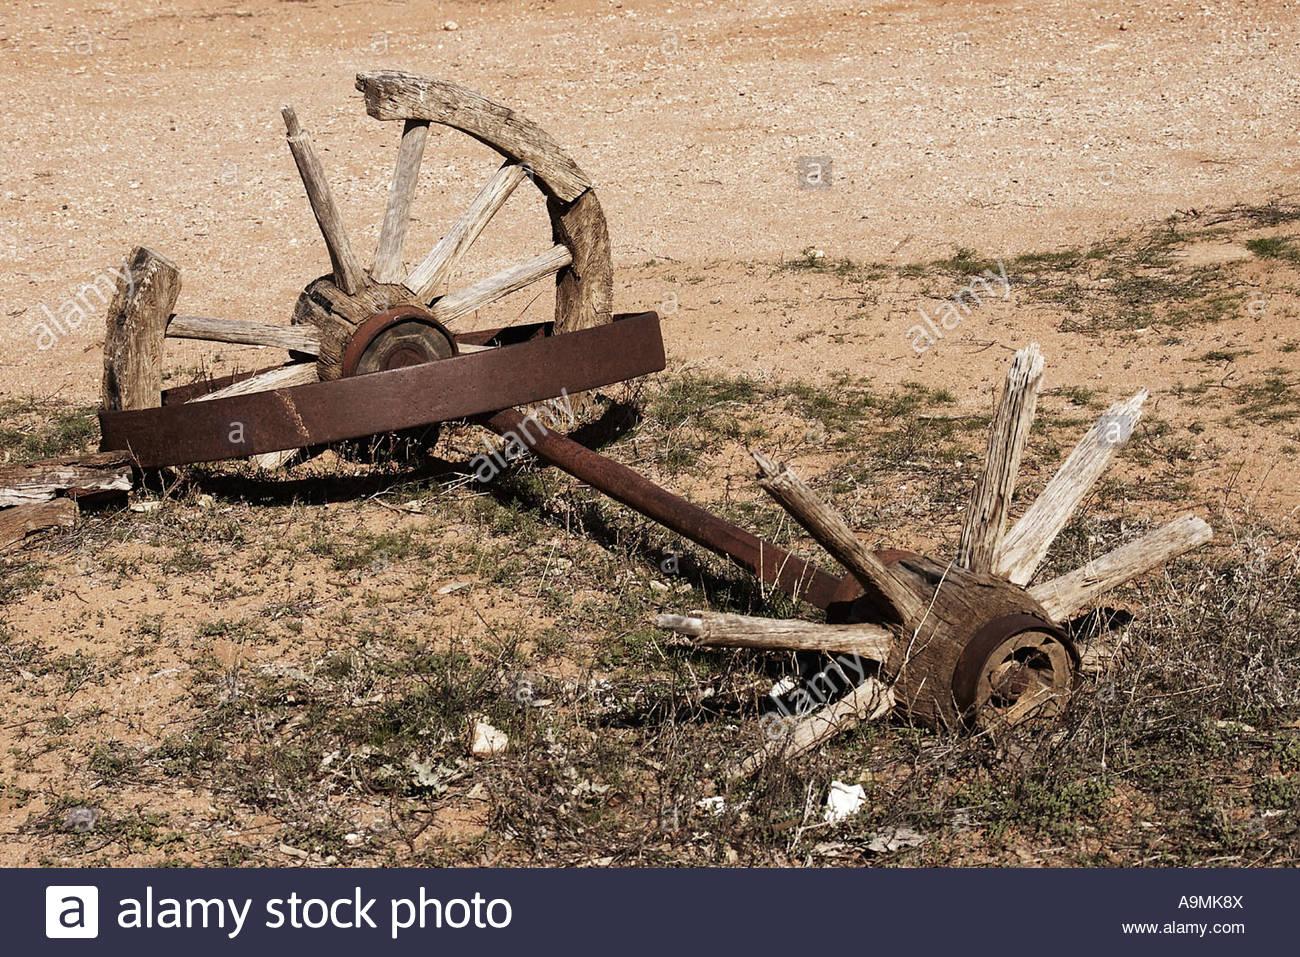 broken cart wheels half buried in dirt